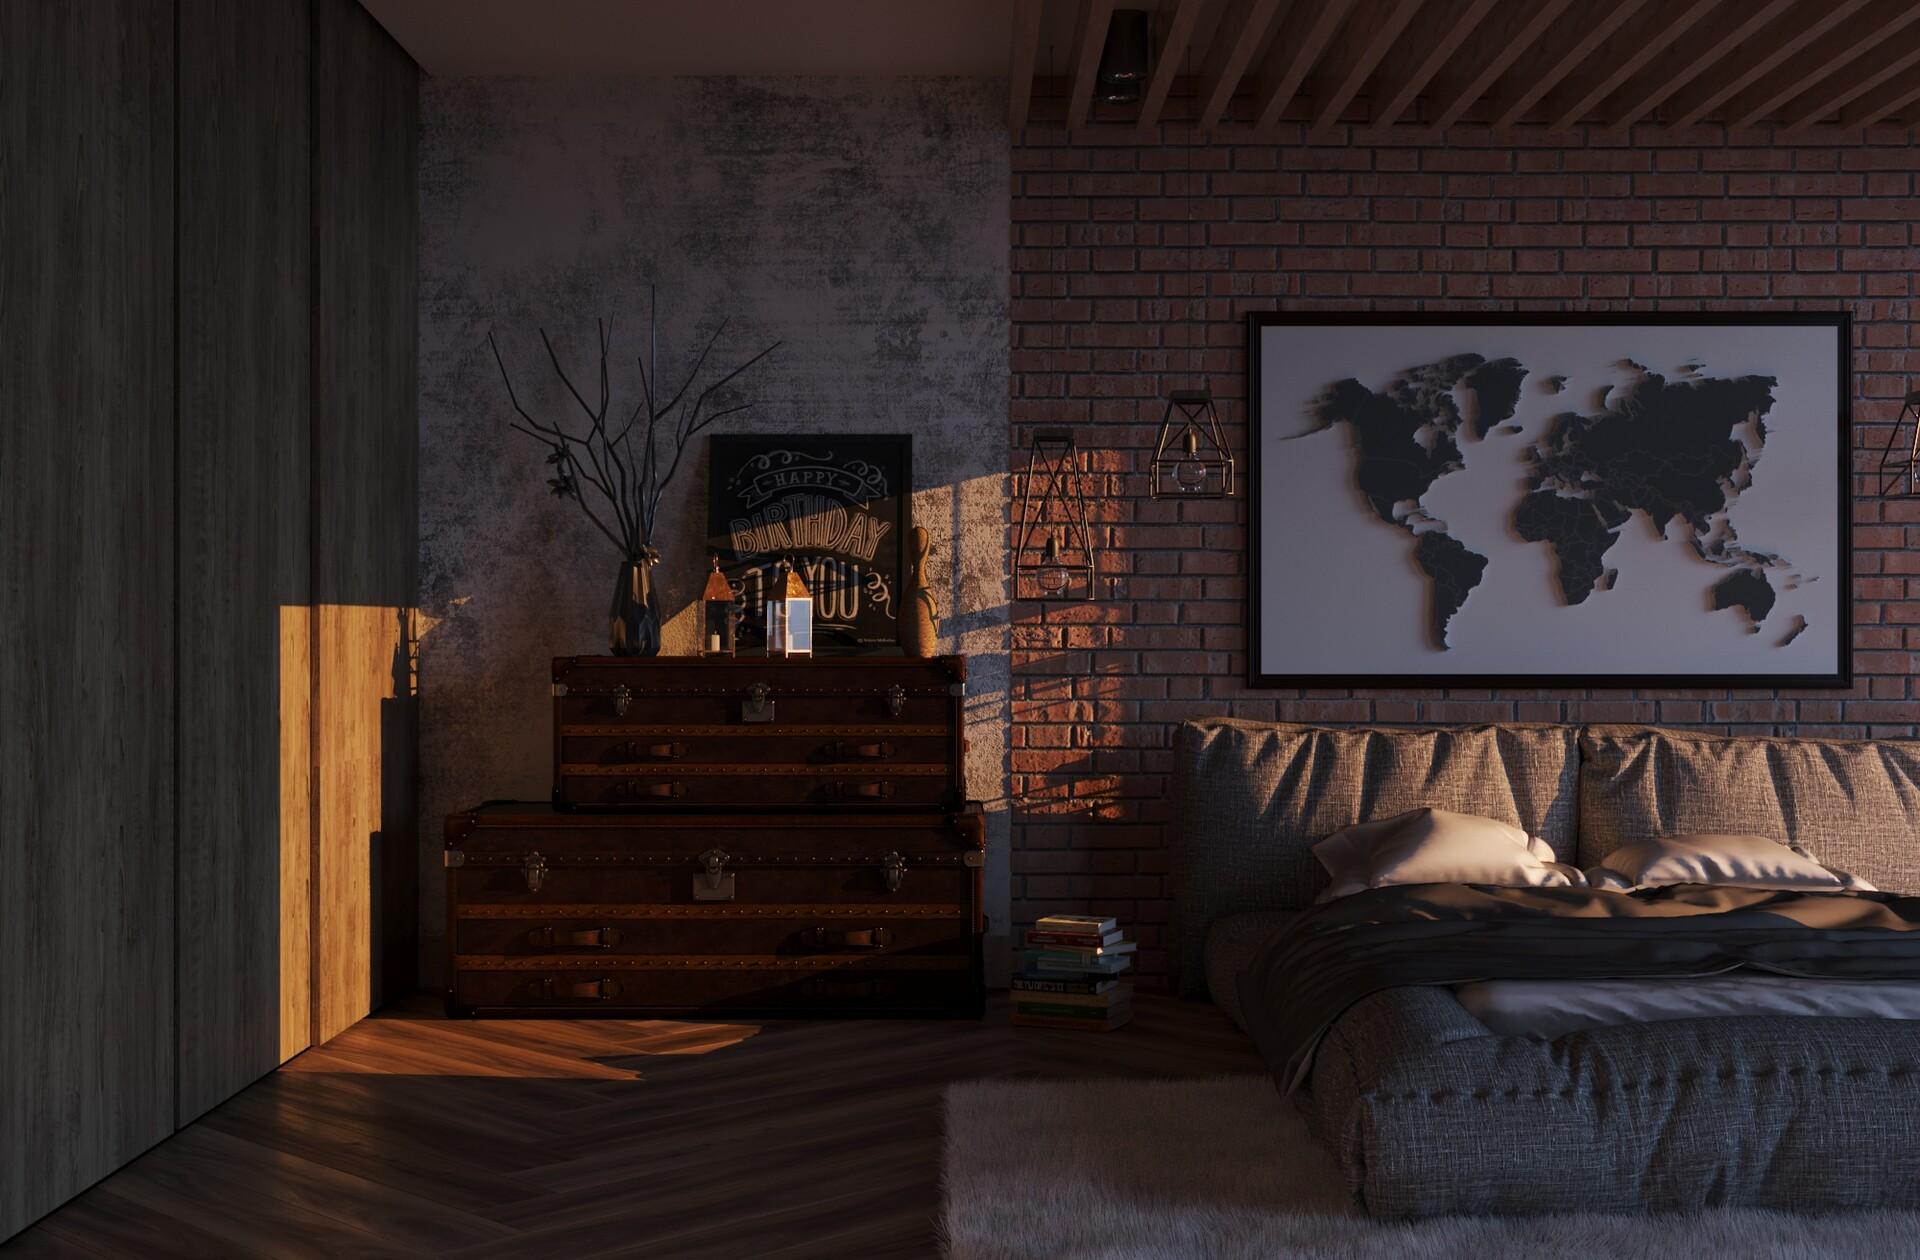 संदर्भ दृश्य, मचान। 3d max corona render में प्रस्तुत छवि